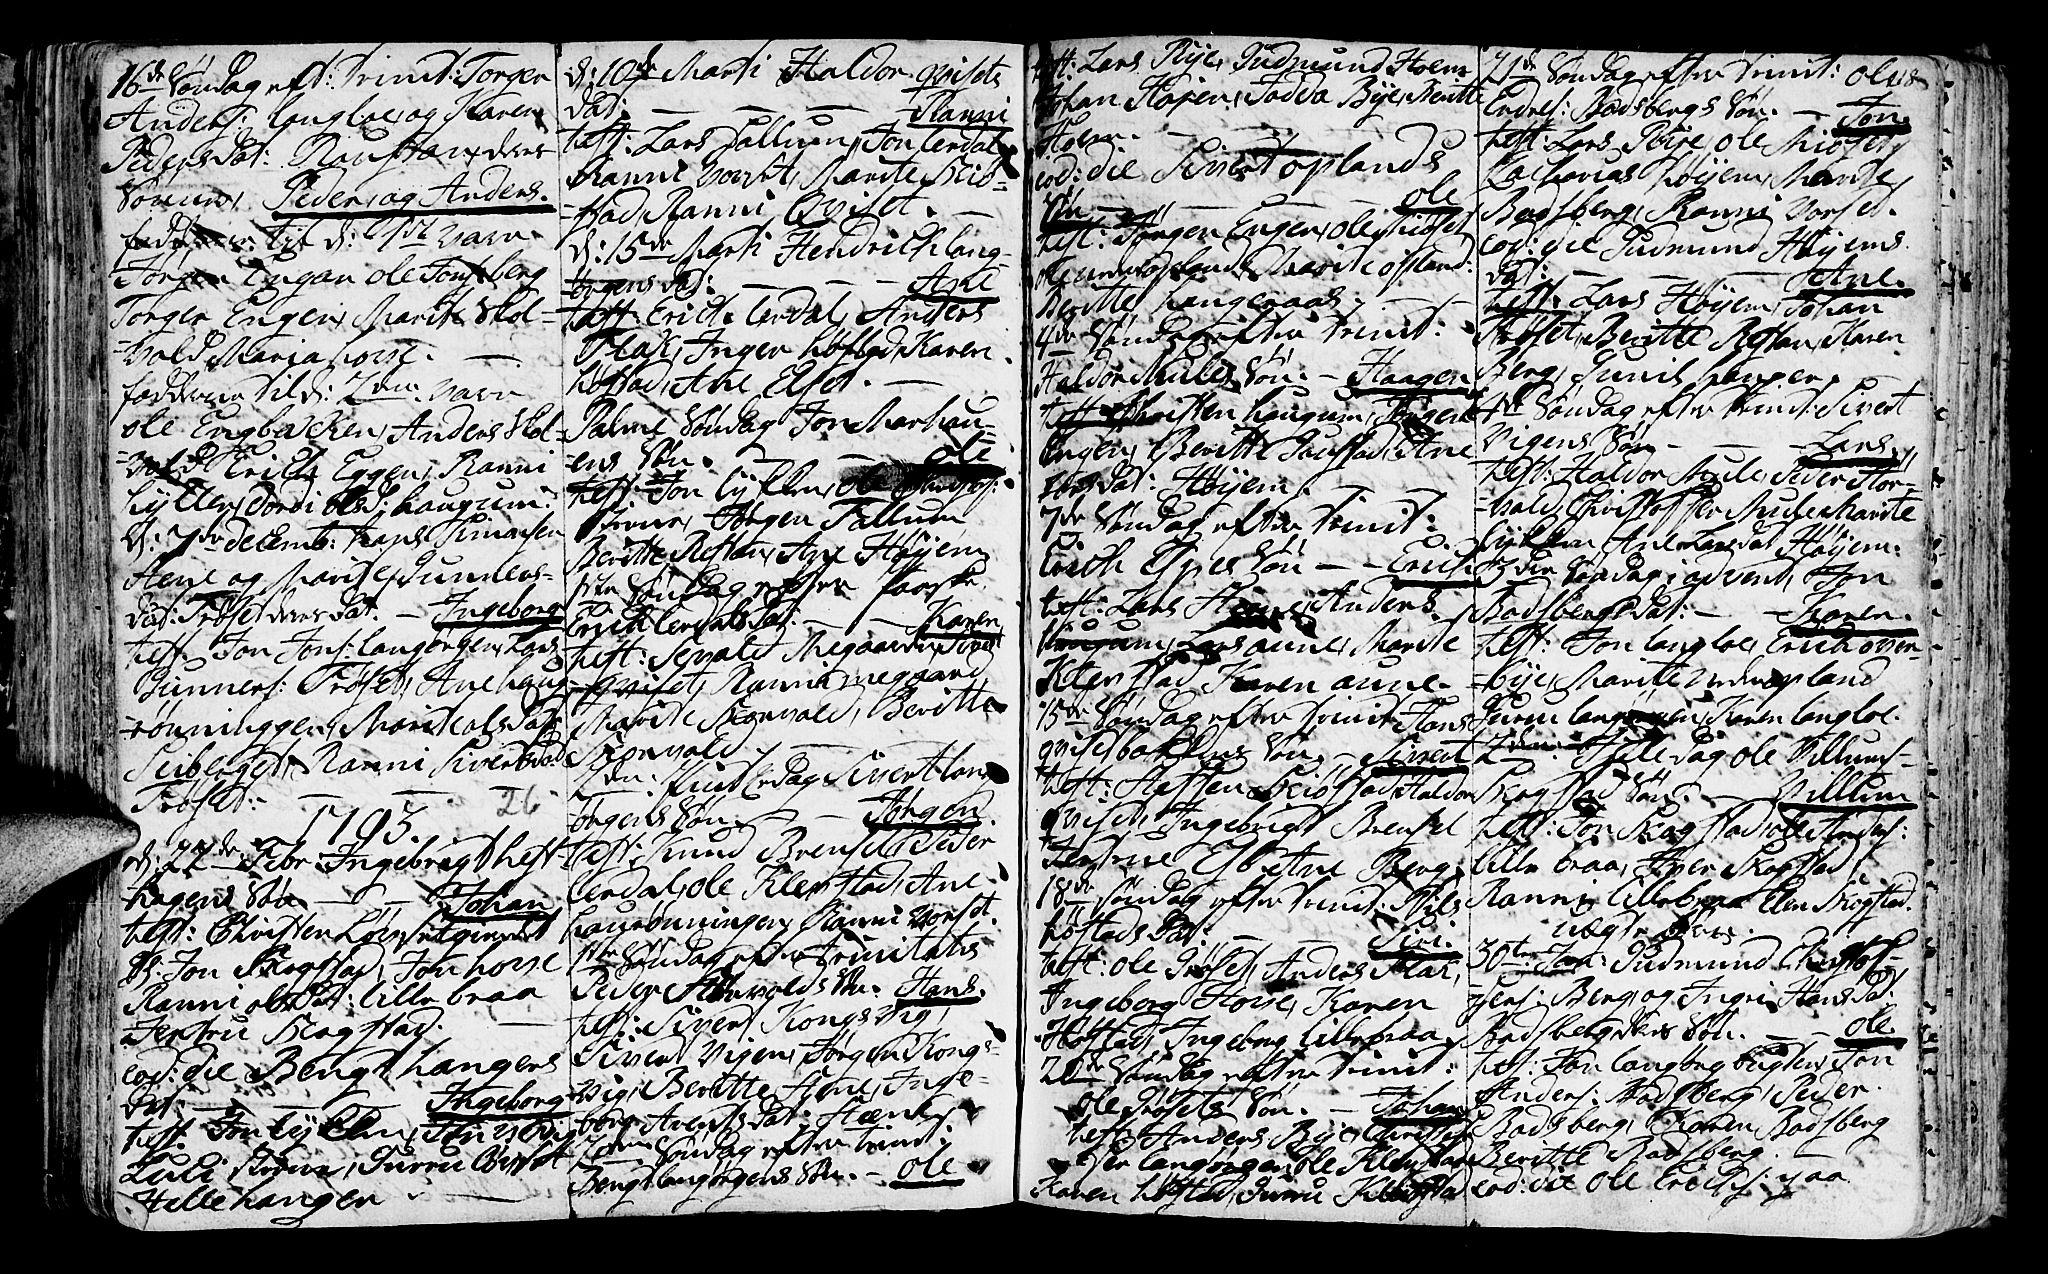 SAT, Ministerialprotokoller, klokkerbøker og fødselsregistre - Sør-Trøndelag, 612/L0370: Ministerialbok nr. 612A04, 1754-1802, s. 118